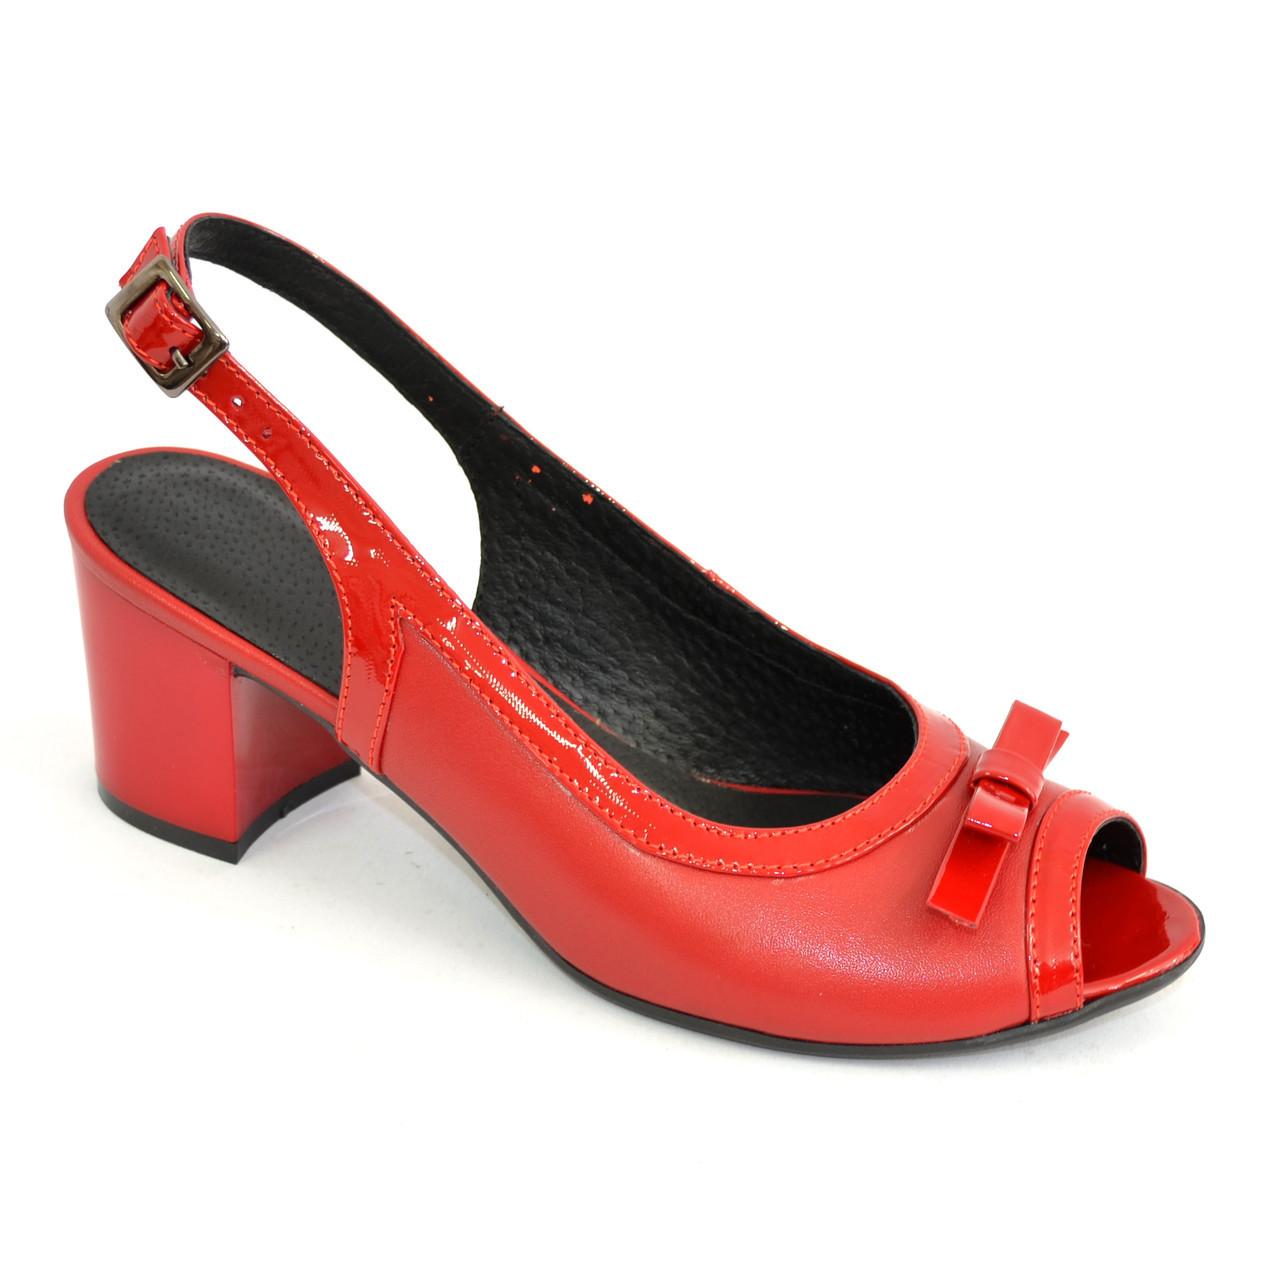 Босоножки женские Vasha Para 1333/9 36 цвет красный